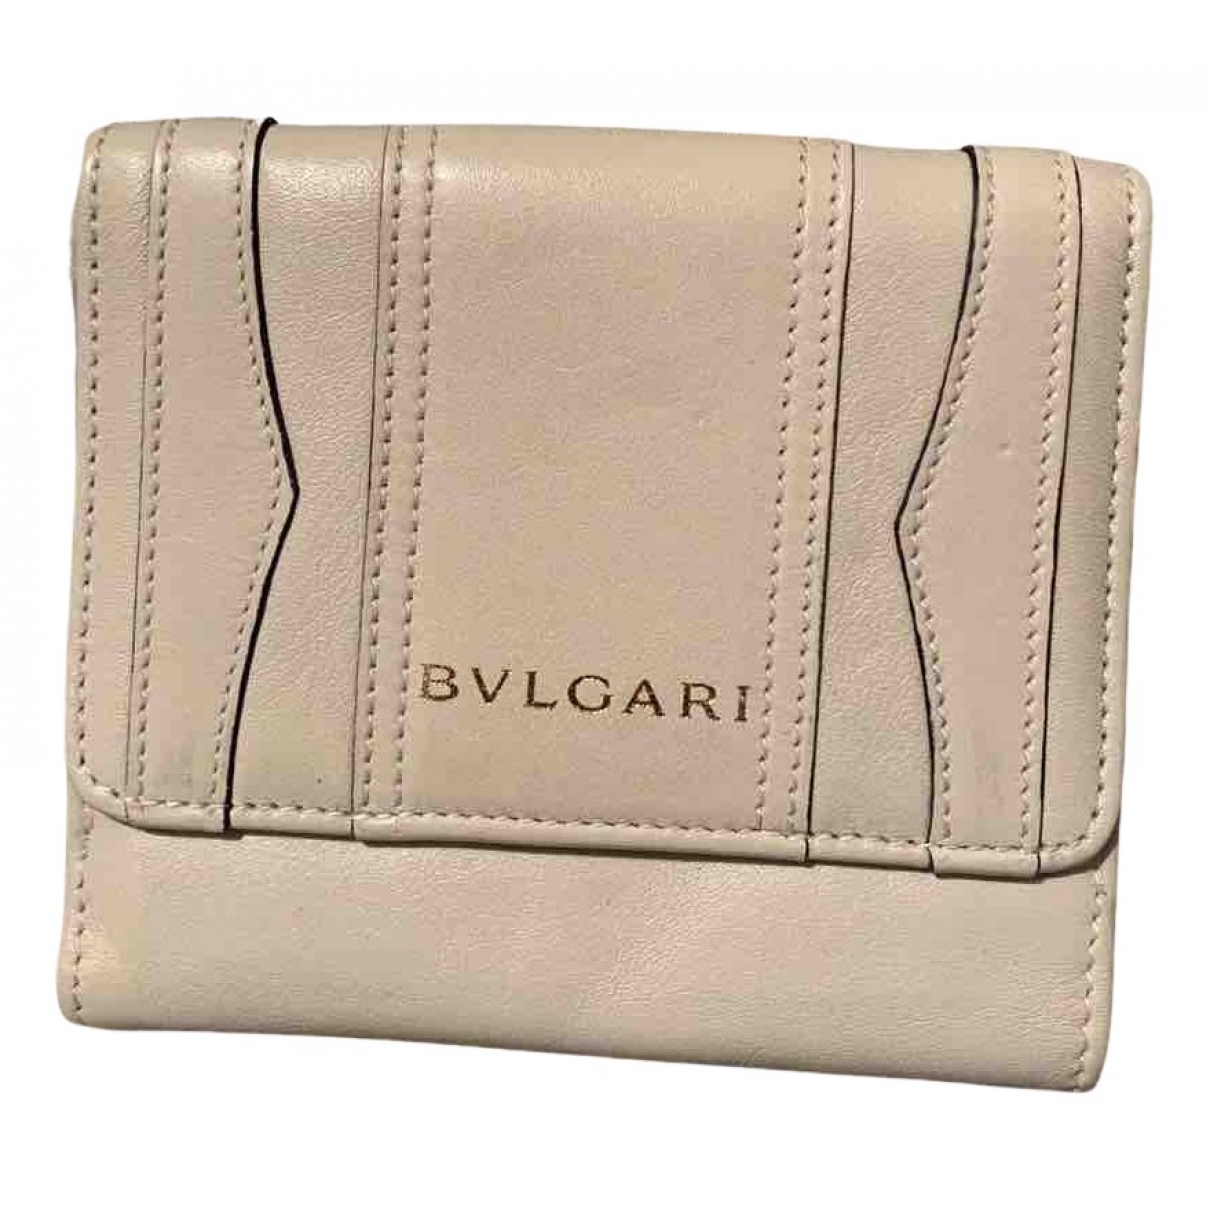 Bvlgari \N Portemonnaie in  Beige Leder